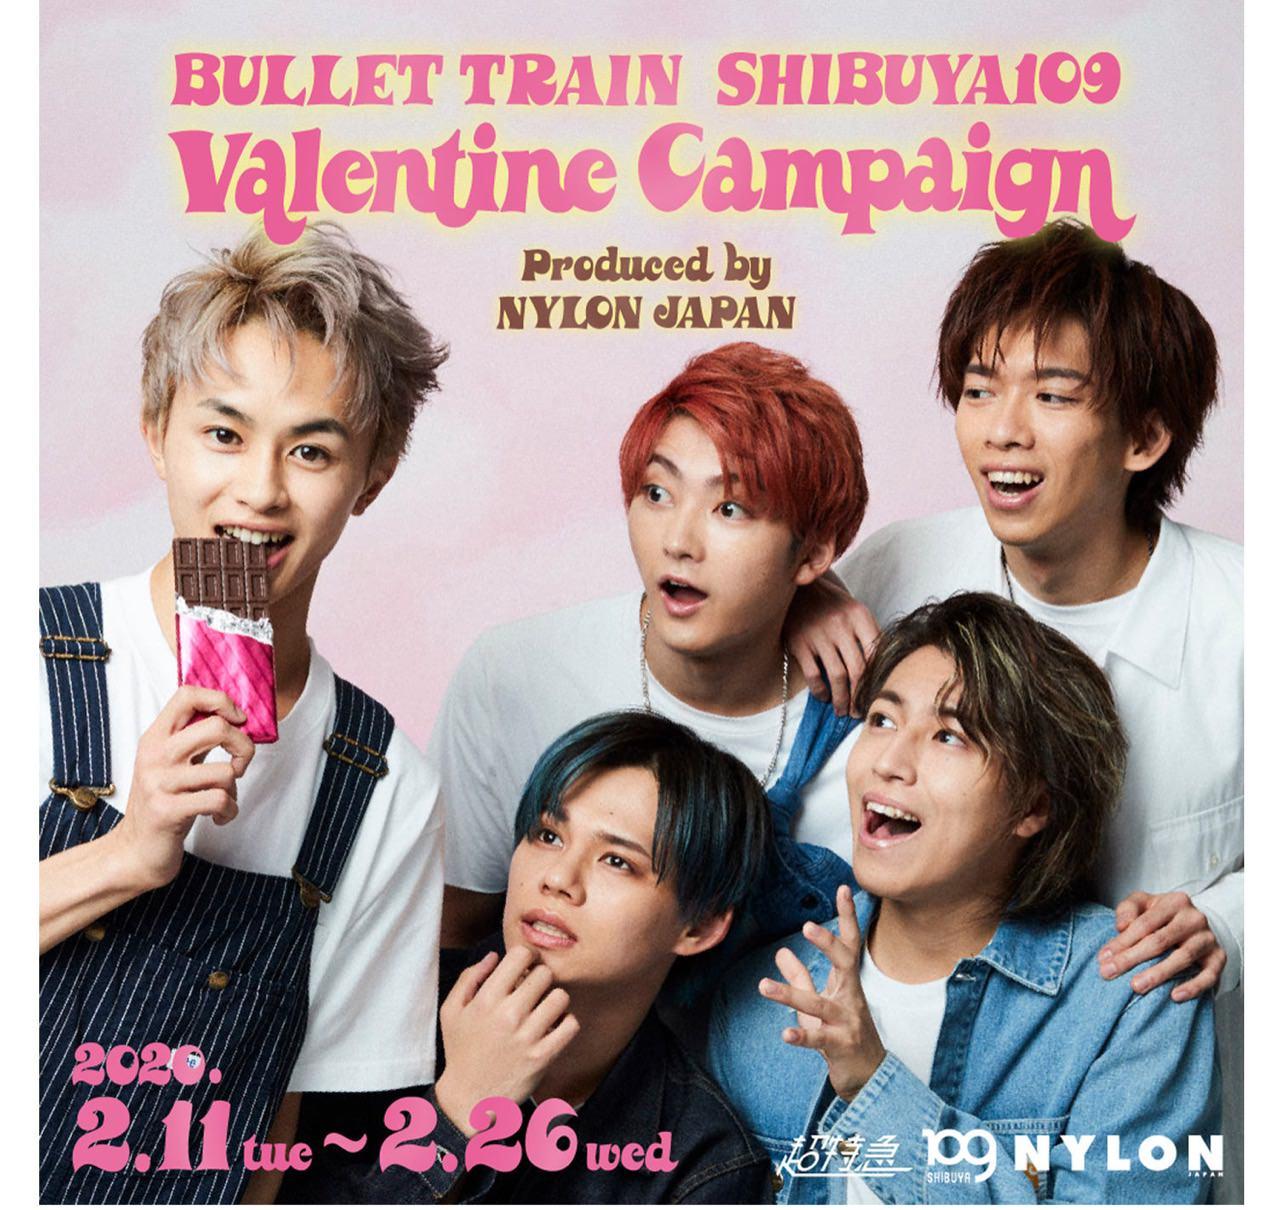 超特急 × NYLONJAPAN in SHIBUYA109渋谷/阿倍野 2.11-2.26 コラボ開催!